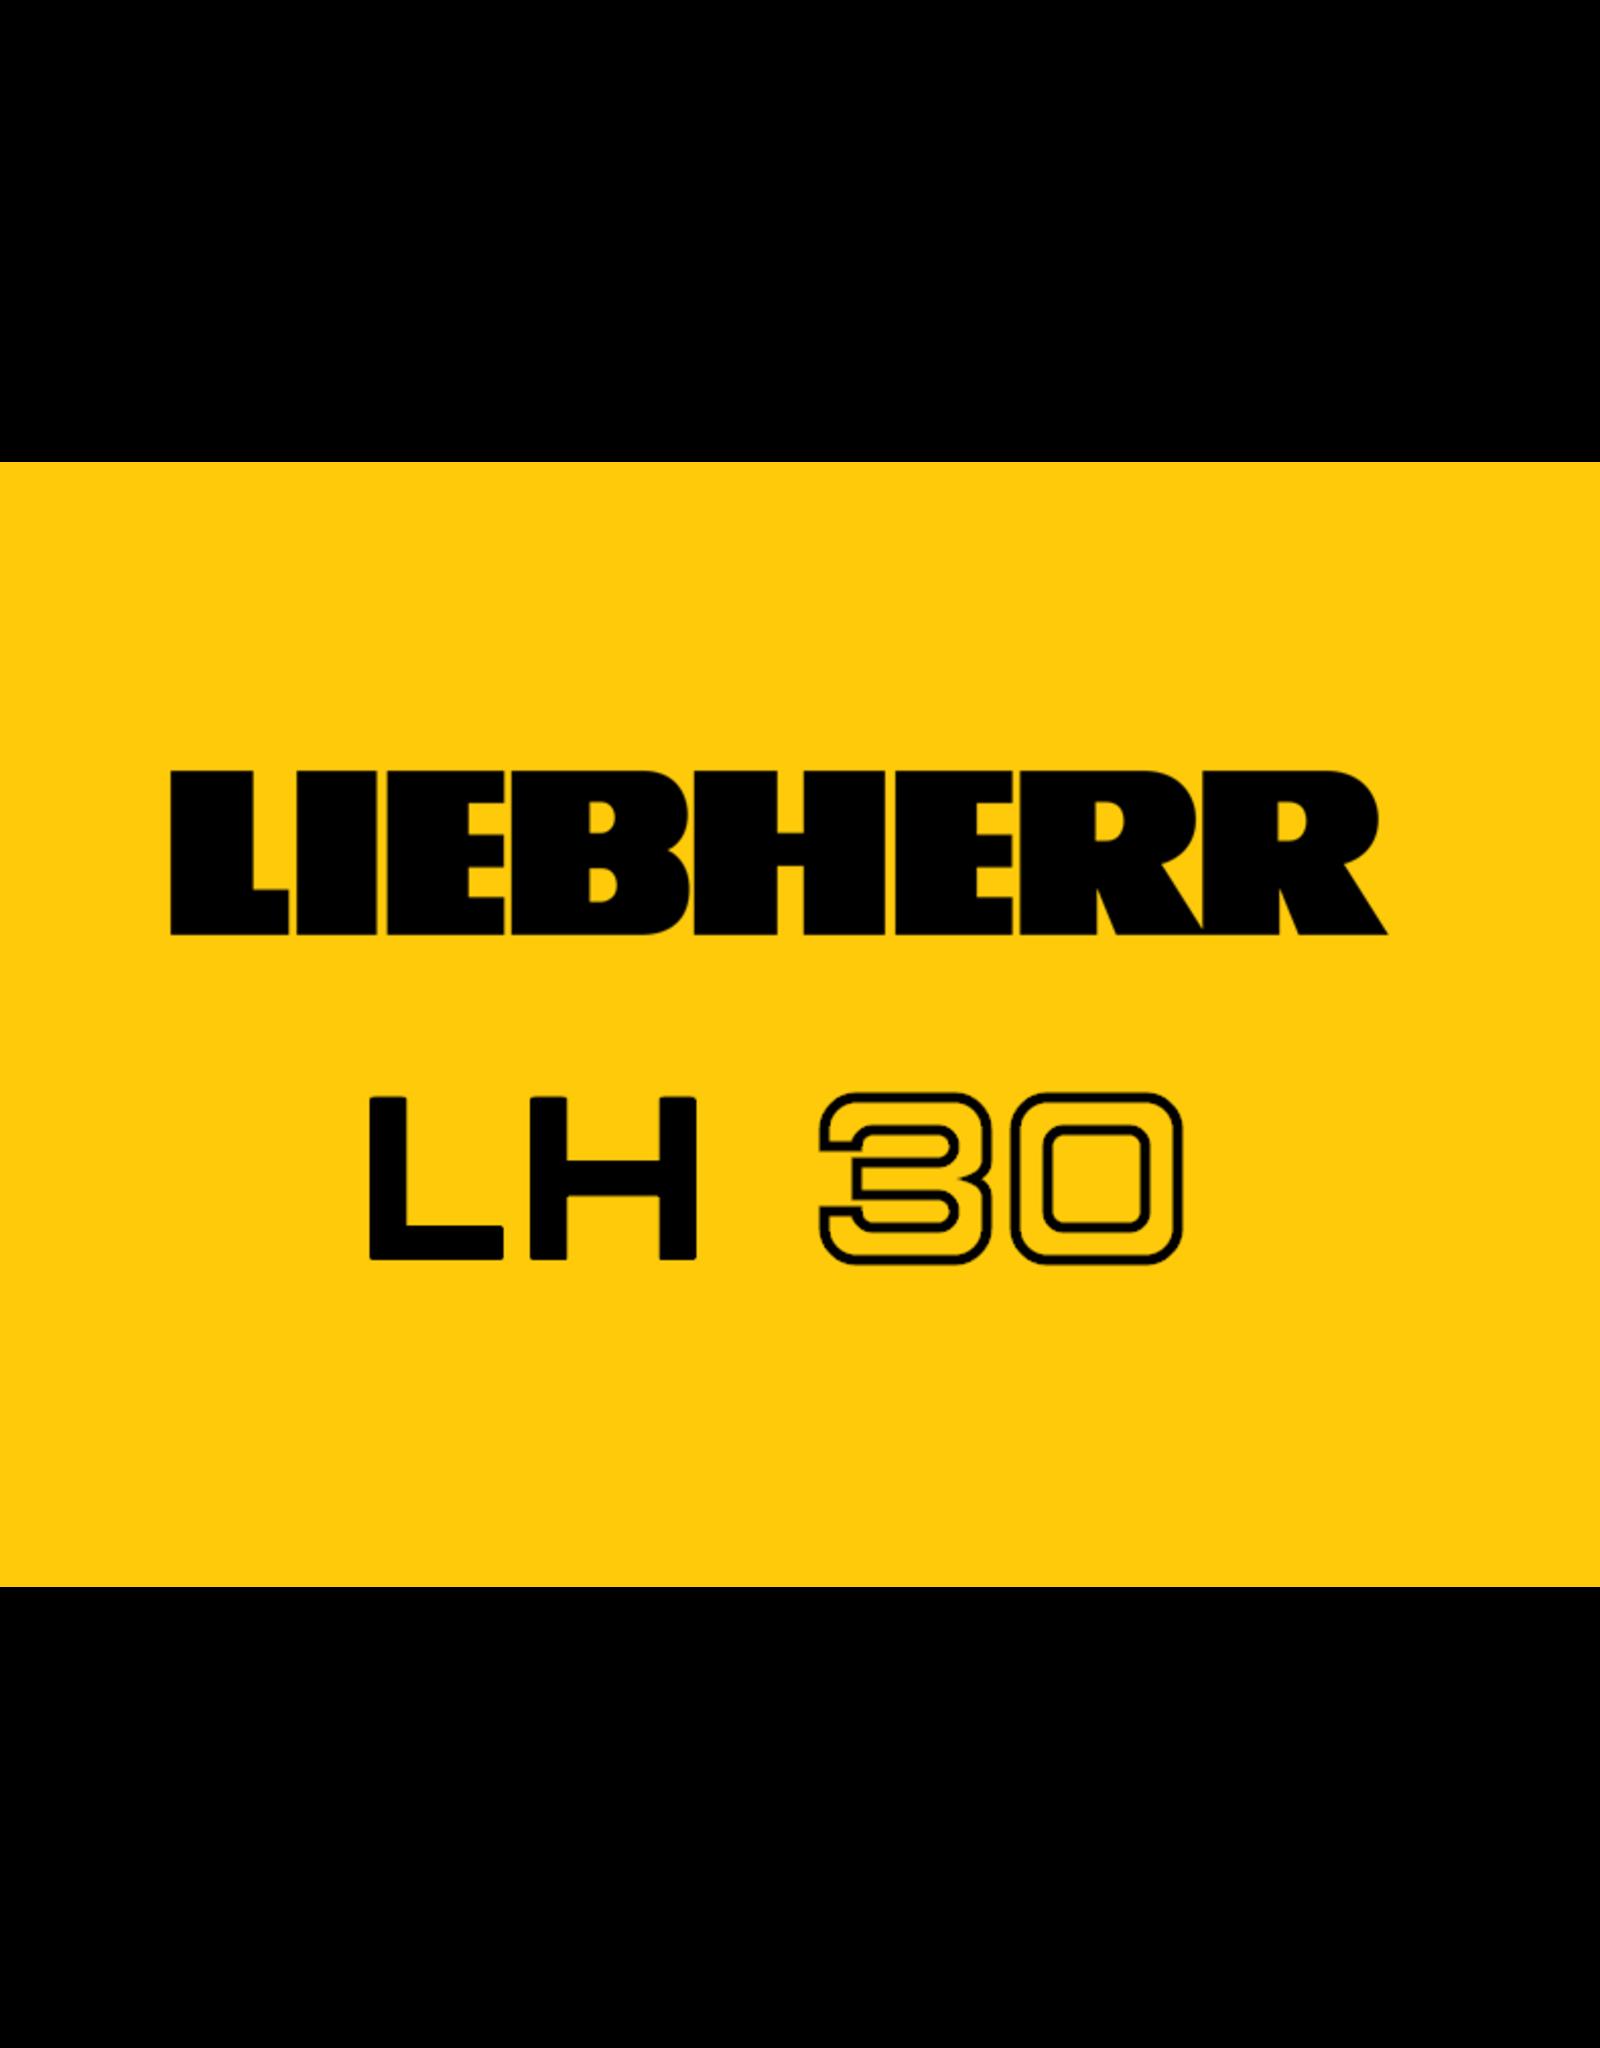 Echle Hartstahl GmbH FOPS für Liebherr LH 30